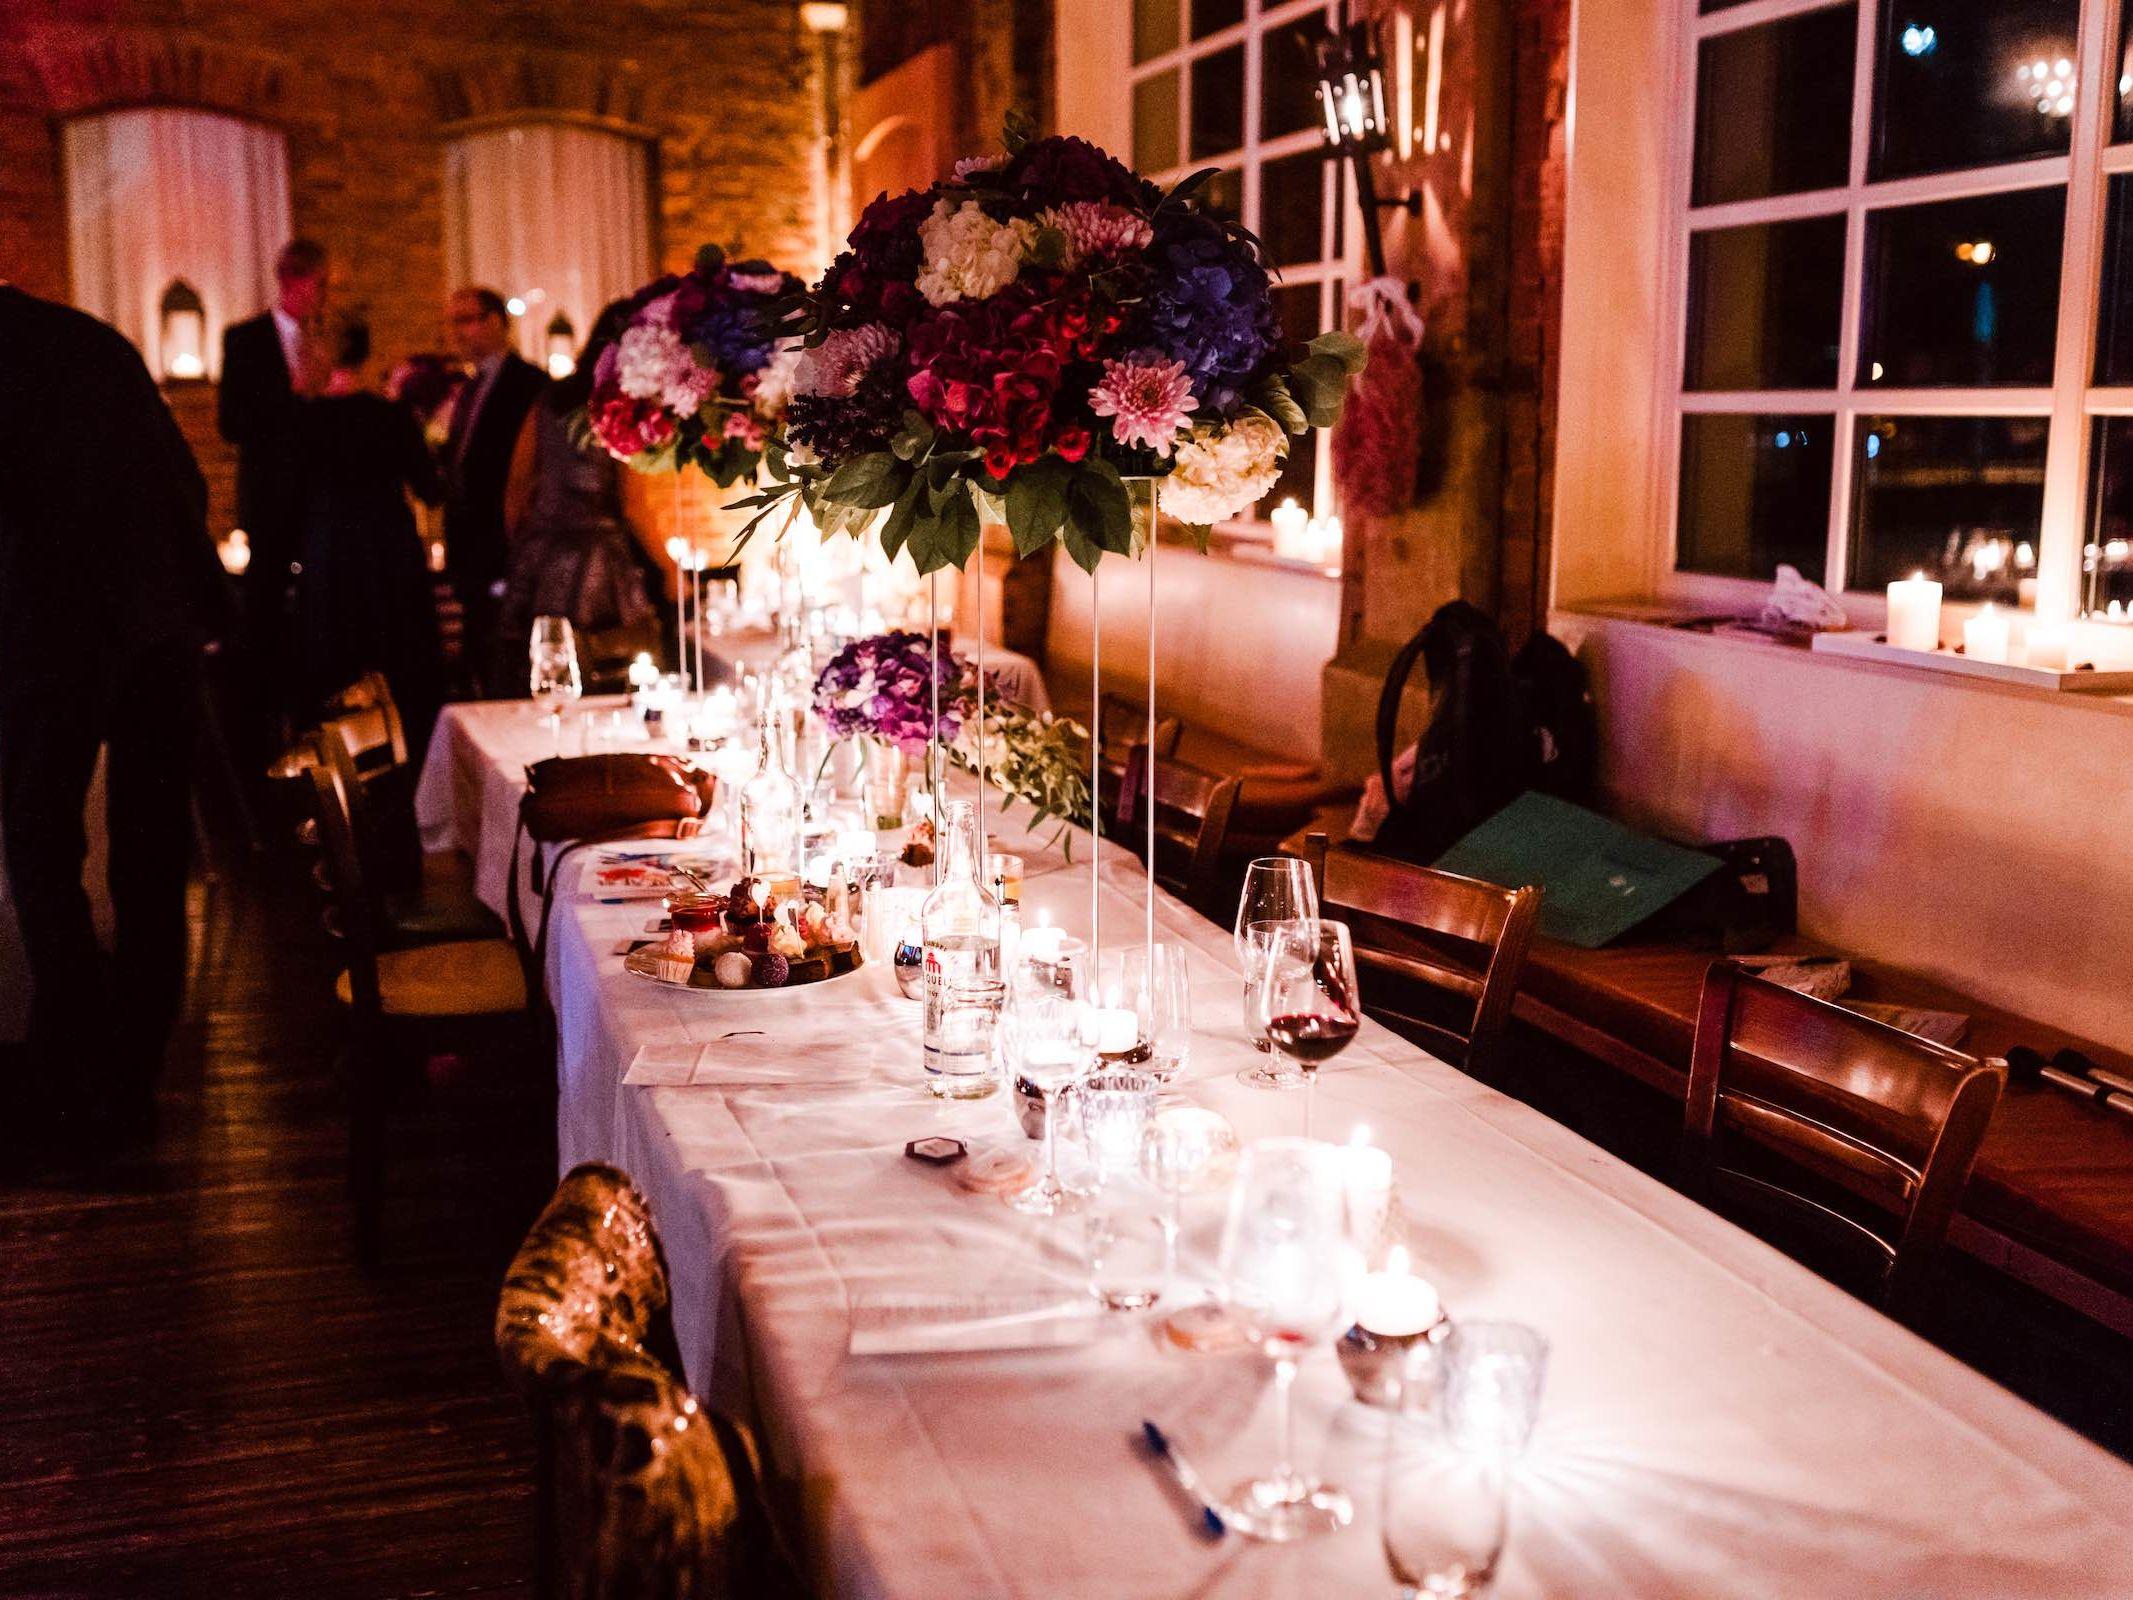 Burg   Königsworth   Roneburg   Hannover   Hochzeit   Geburtstag   Firmenfeier   Feiern   Locations   Tischdekoration   Hochzeit   Floristik   Eventaustattung   Dekoration   Hochzeitsplanung   Lehmann   Eventservice